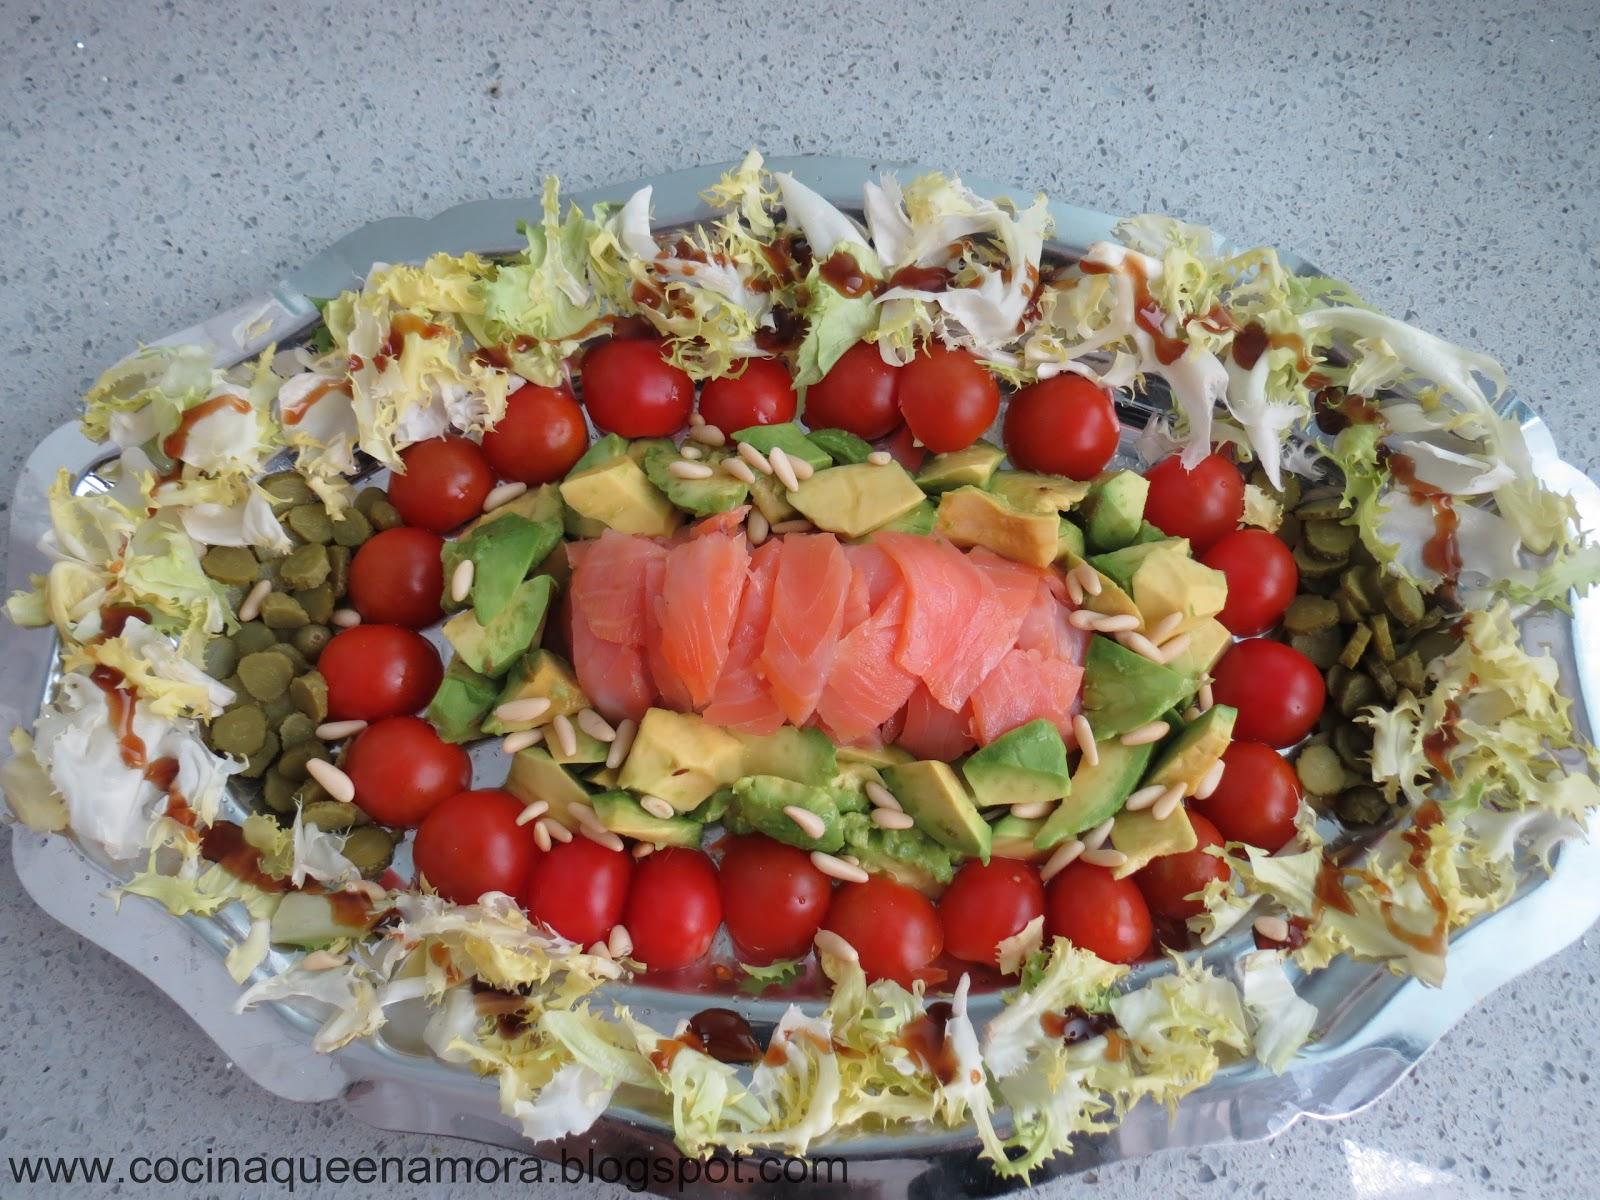 Cocina que enamora ensalada de salmon ahumado y aguacate - Ensalada de aguacate y salmon ahumado ...